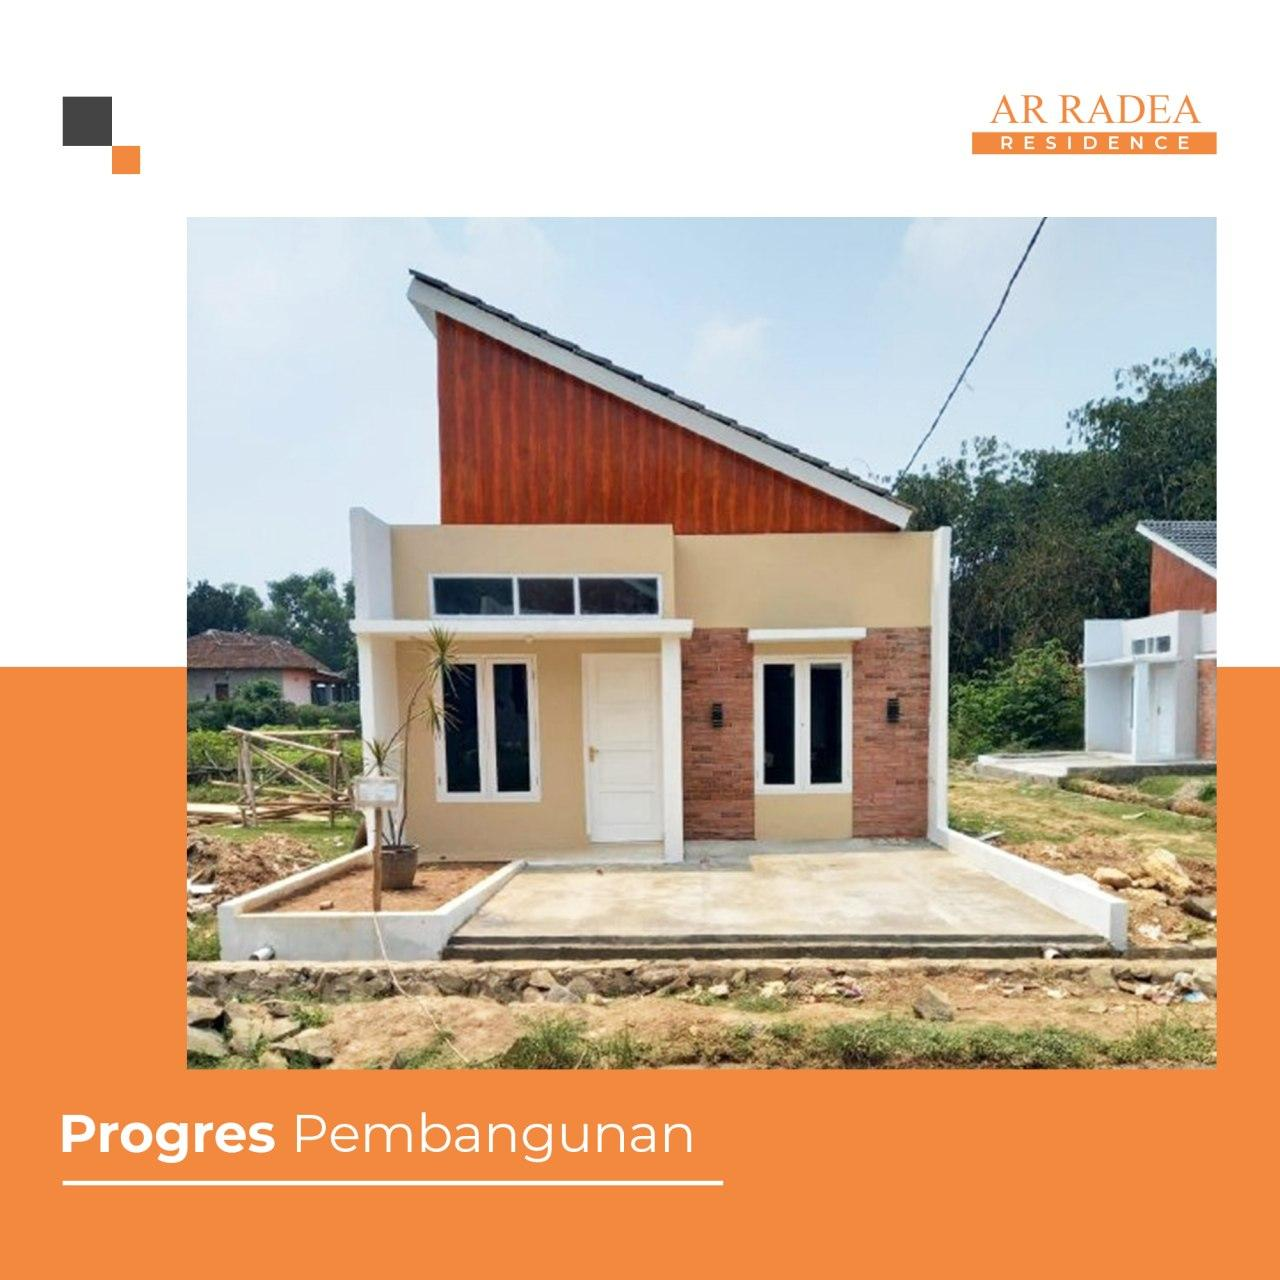 perumahan-syariah-bekasi-rumah-syariah-gambar-progress-pembangunan4-di-cibarusah-cikarang-bekasi-ar-radea-davproperty